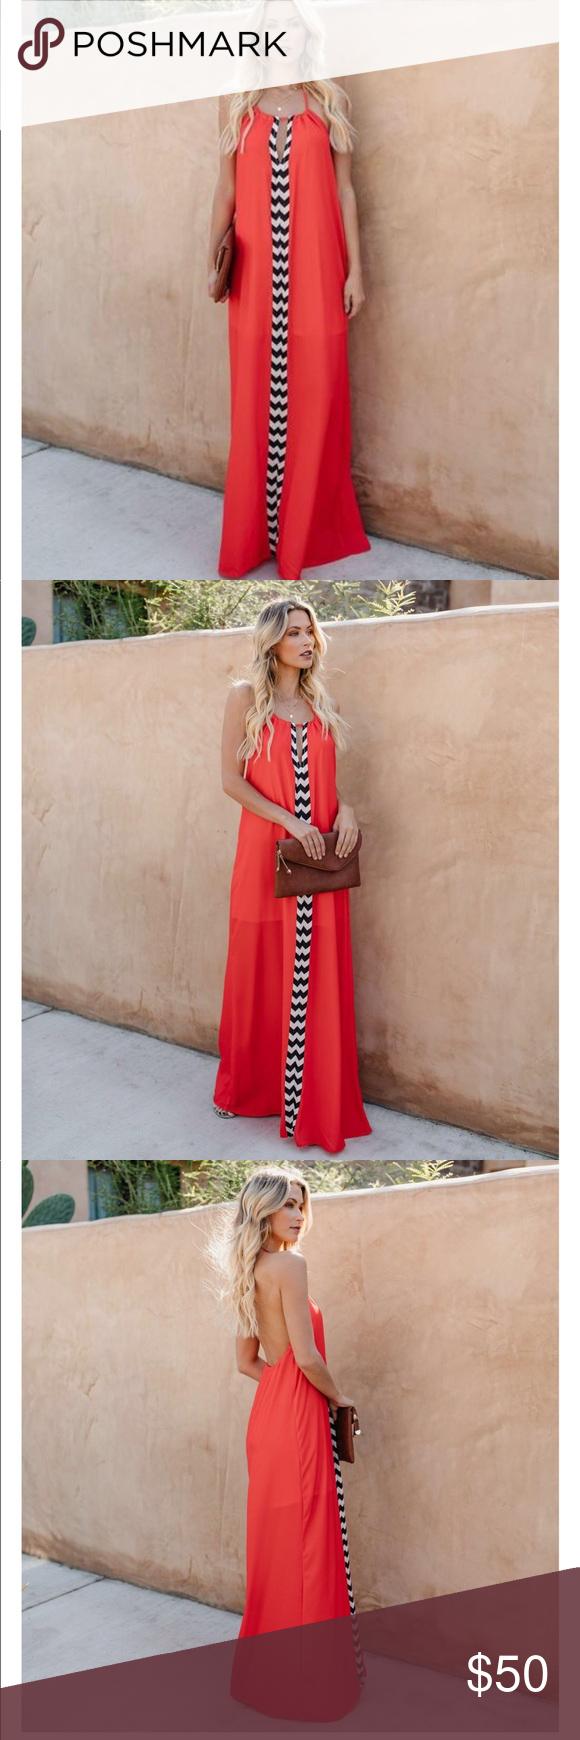 Vici Red Halter Maxi Dress Nwot Halter Maxi Dresses Maxi Dress Dresses [ 1740 x 580 Pixel ]